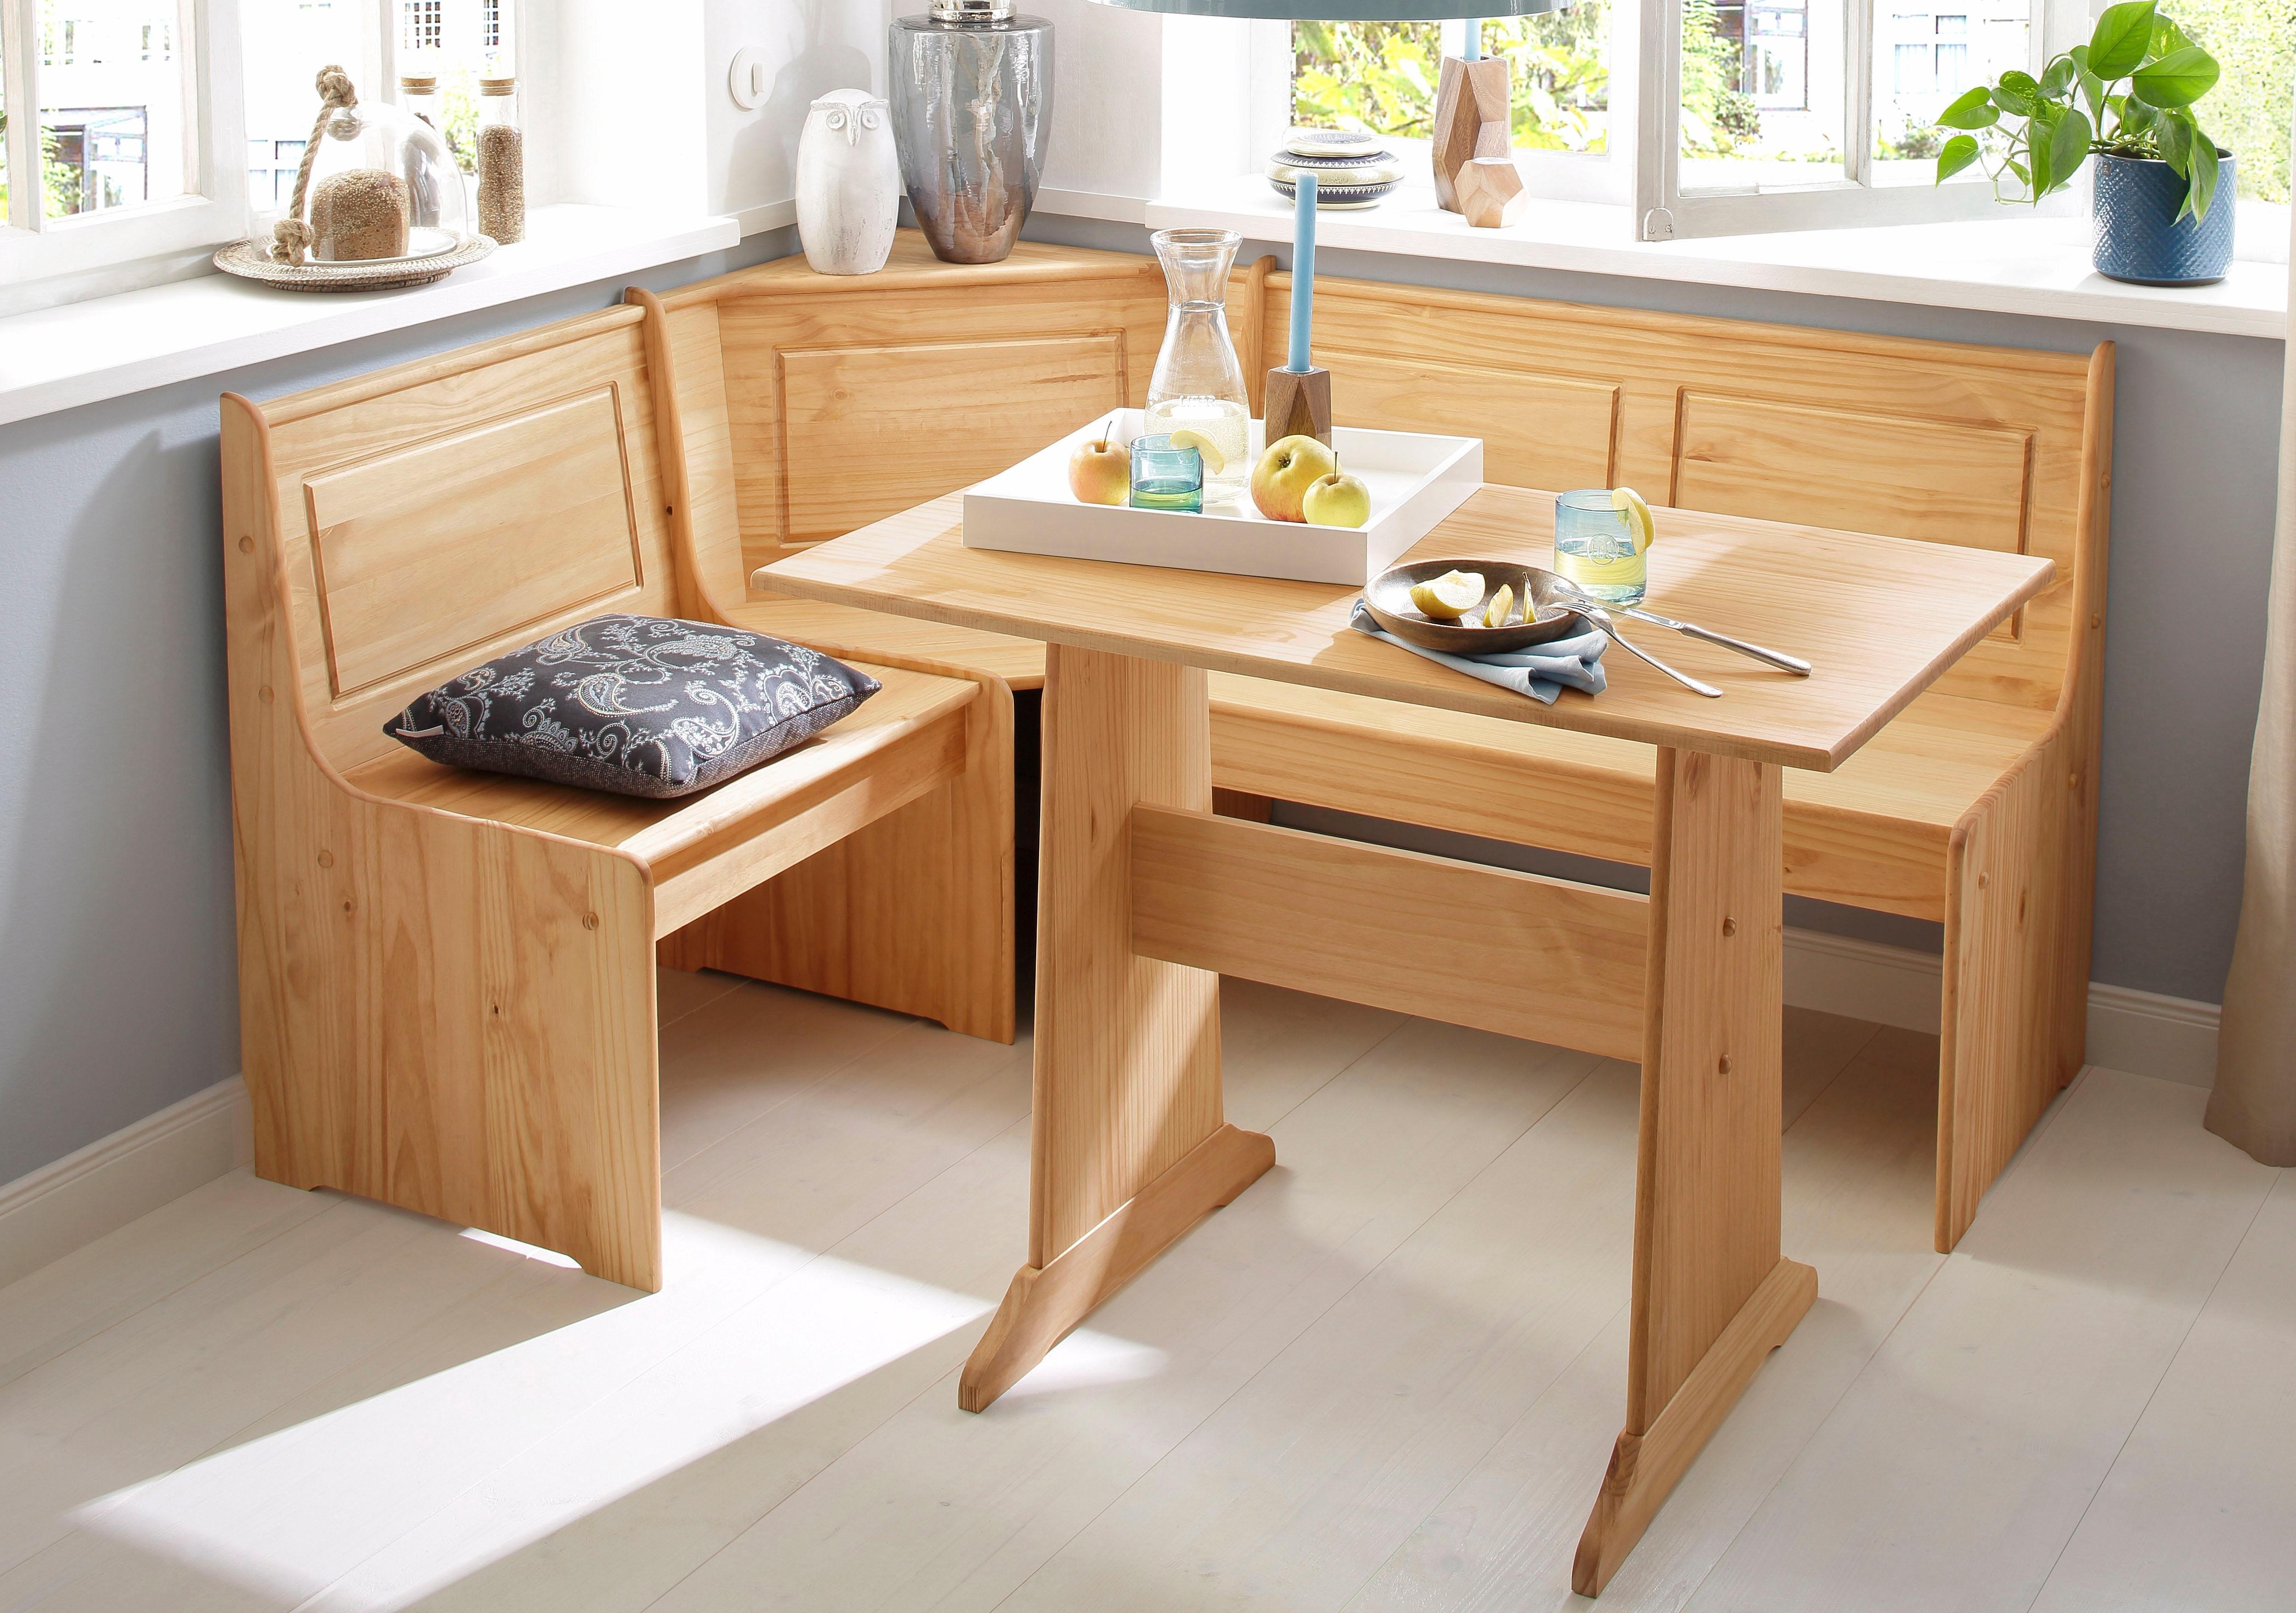 Home Affaire eethoek »Sascha« met tafel en hoekbank met opbergruimte nu online bestellen